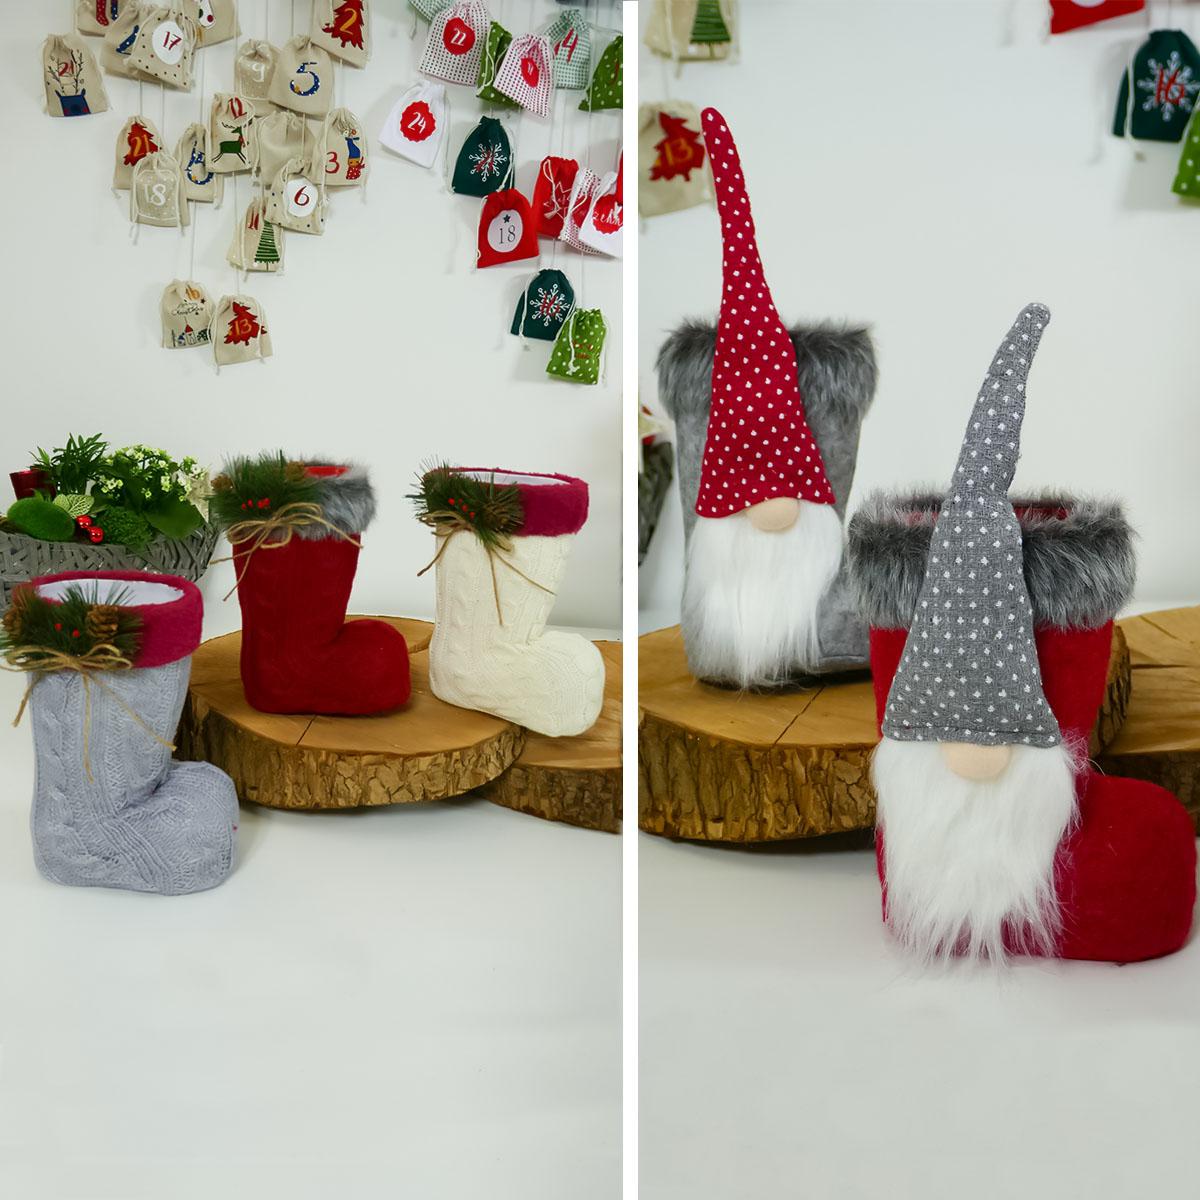 Weihnachts-Stiefel zum Befüllen Image